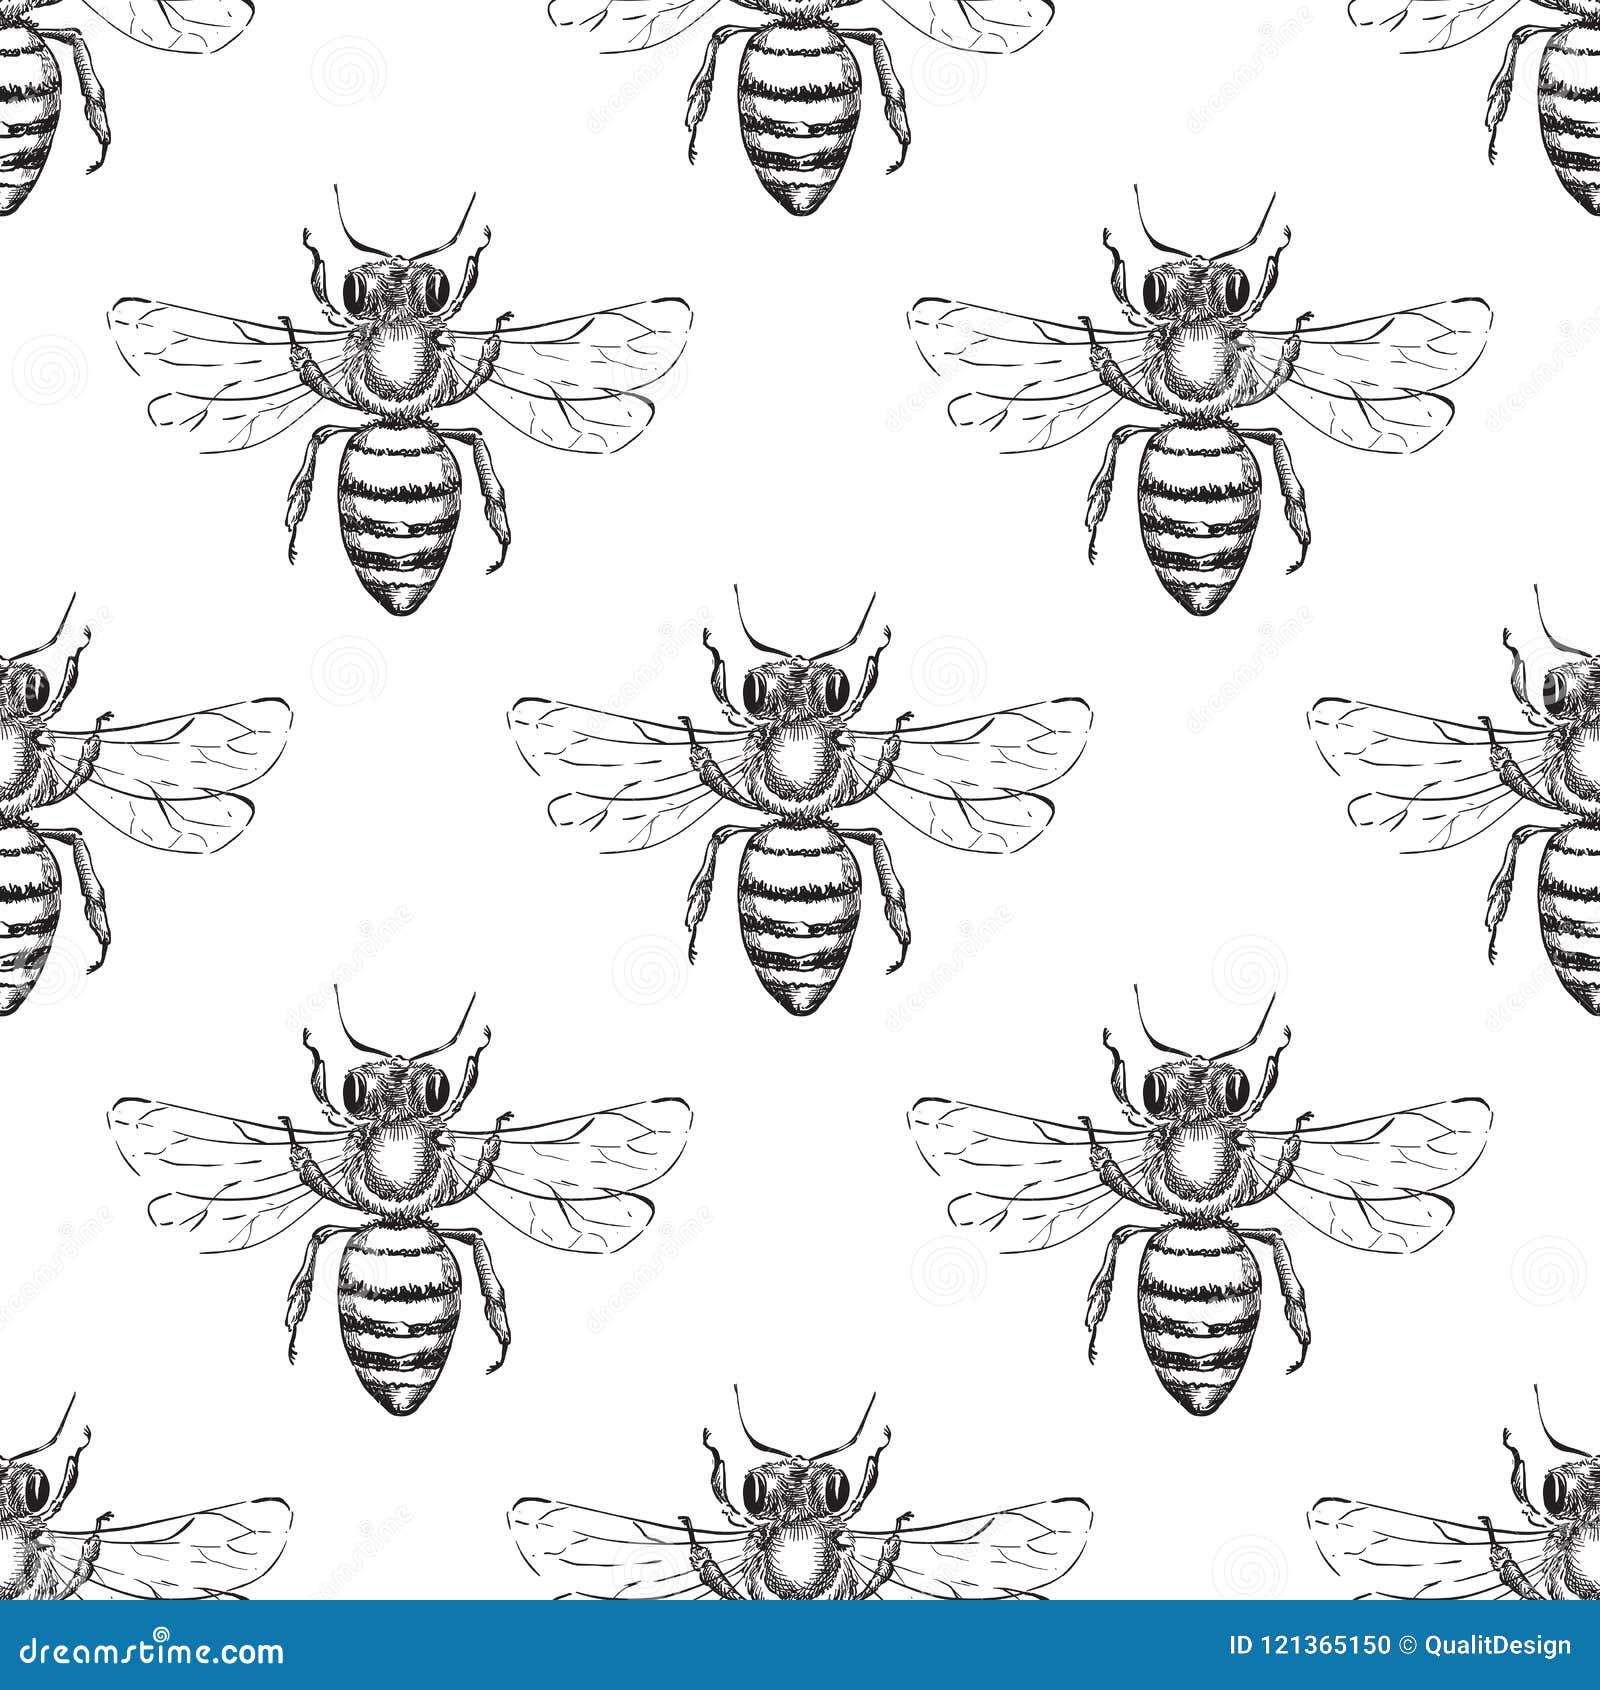 蜂无缝的传染媒介样式 蜜蜂的剪影例证 时尚纺织品印刷品或蜂蜜包装的背景设计